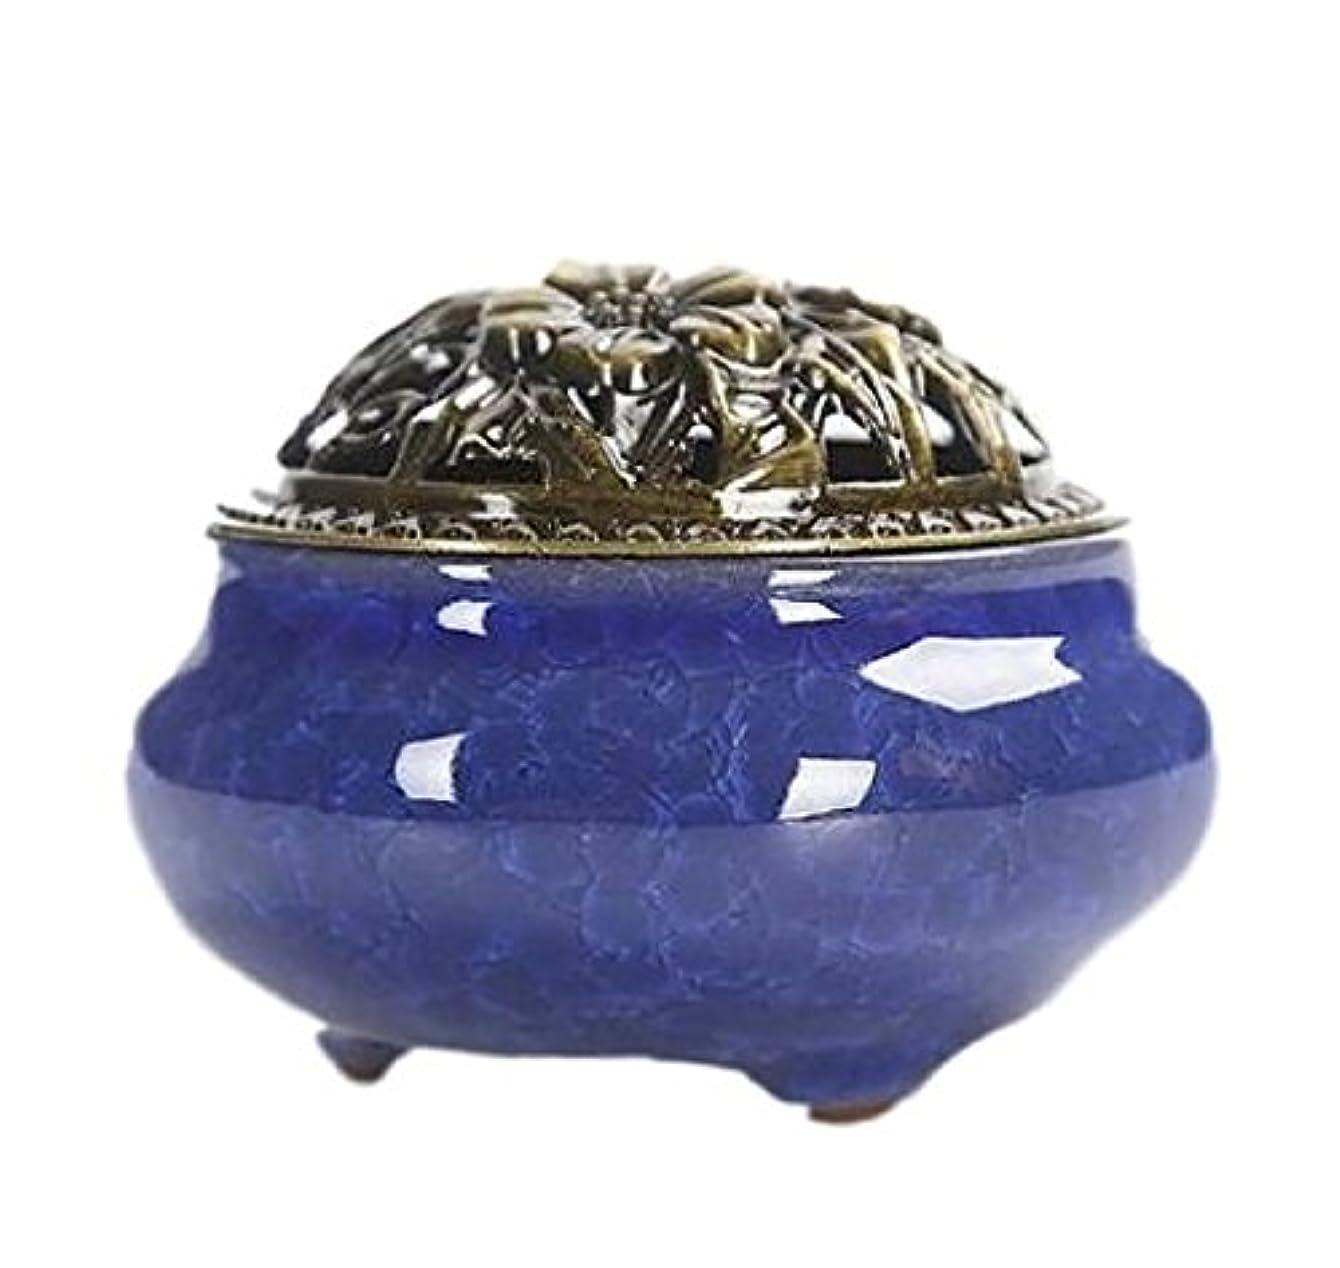 グレートオークシロクマ雷雨U-Pick 香炉 お香立て セット 心を落ち着かせてくれる 色合い 陶器 サファイア色